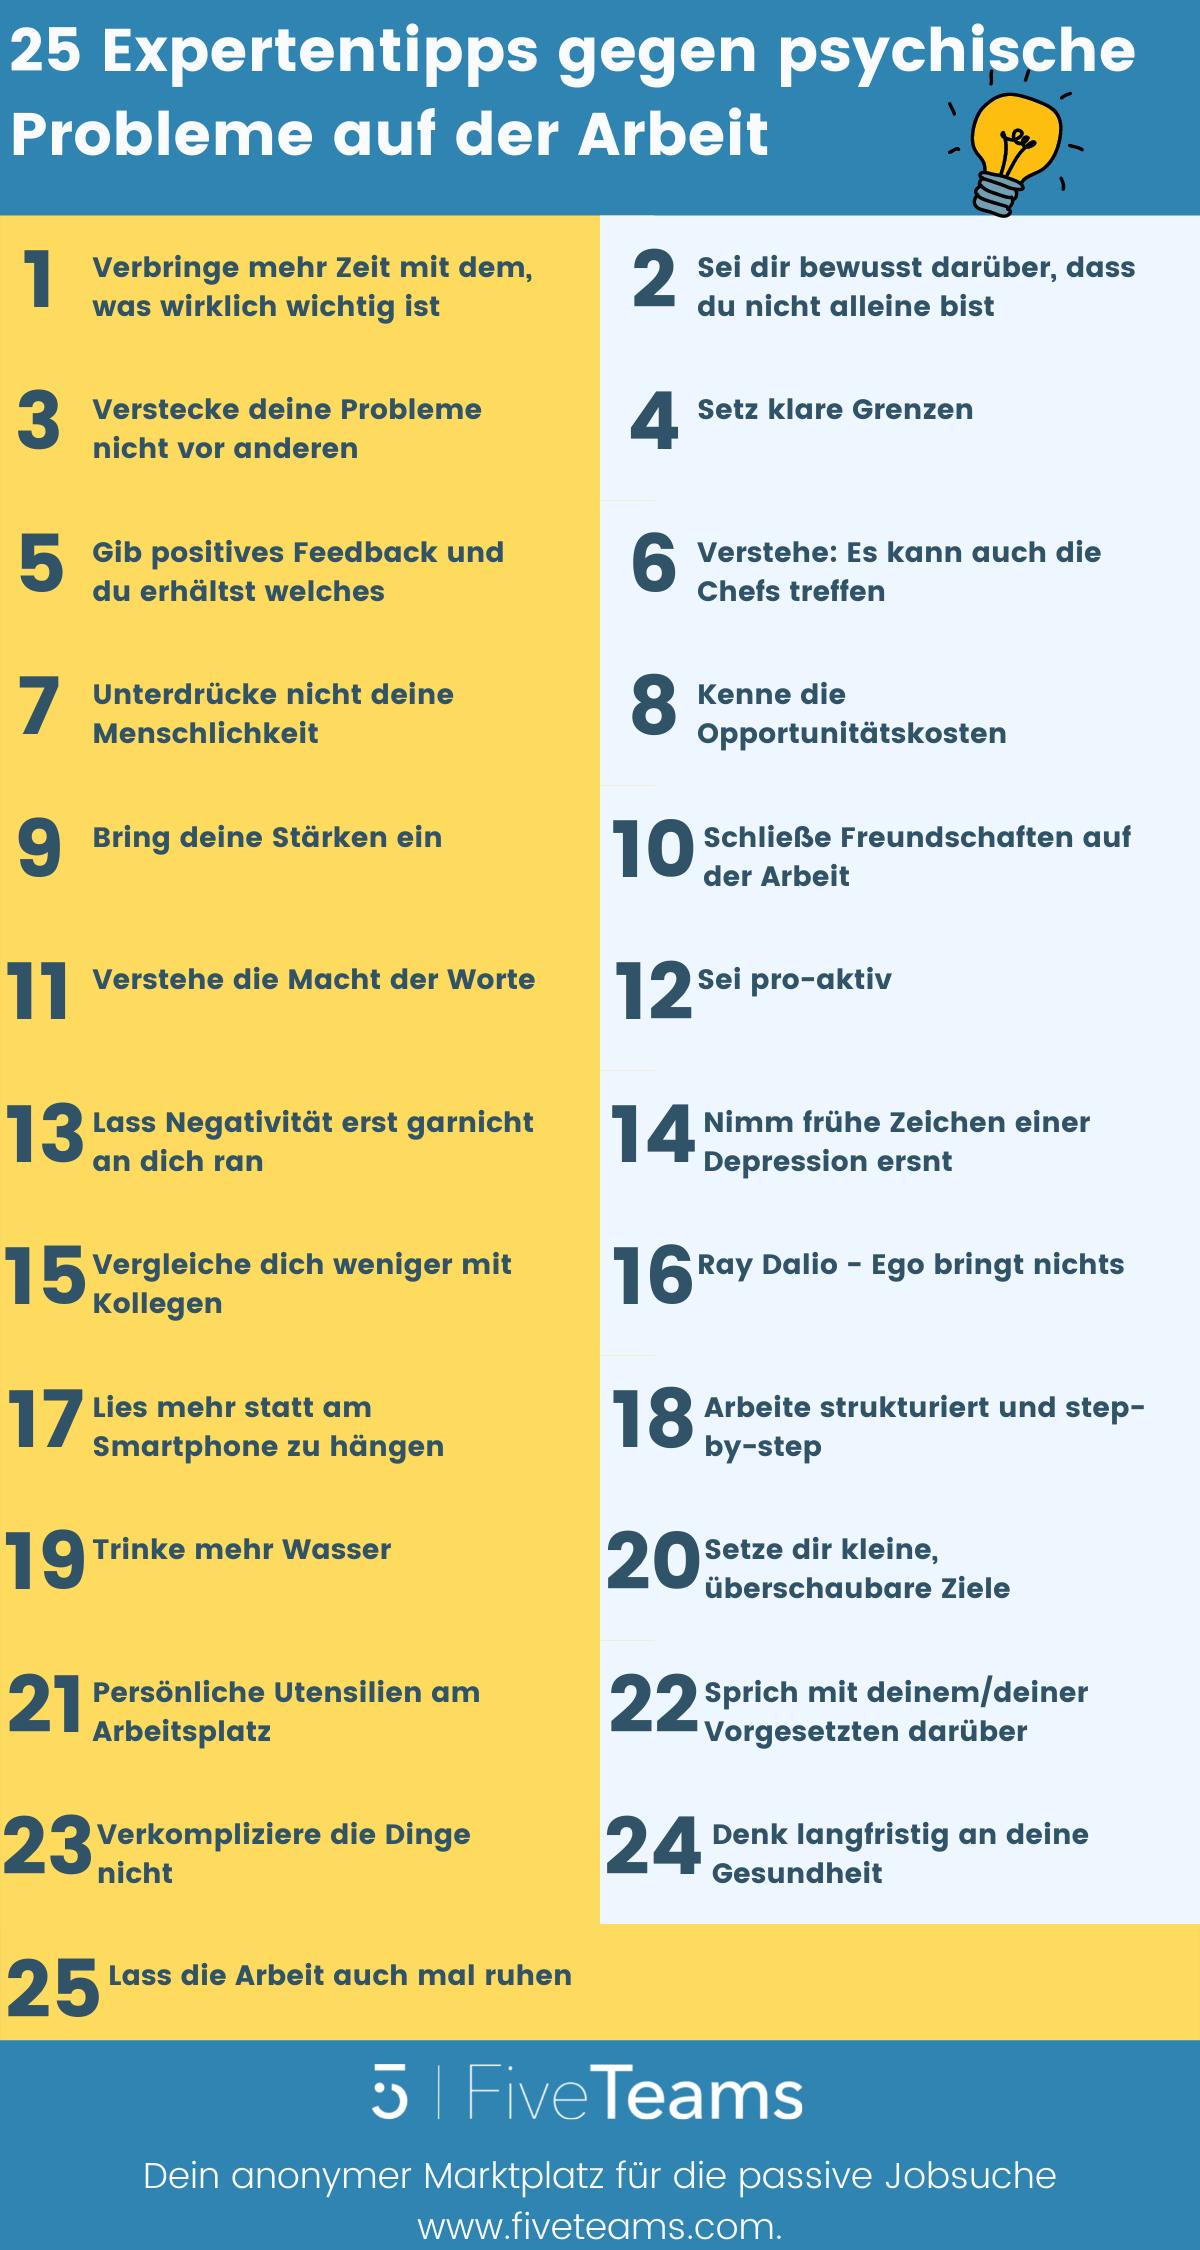 25 Expertentipps gegen psychische Probleme auf der Arbeit